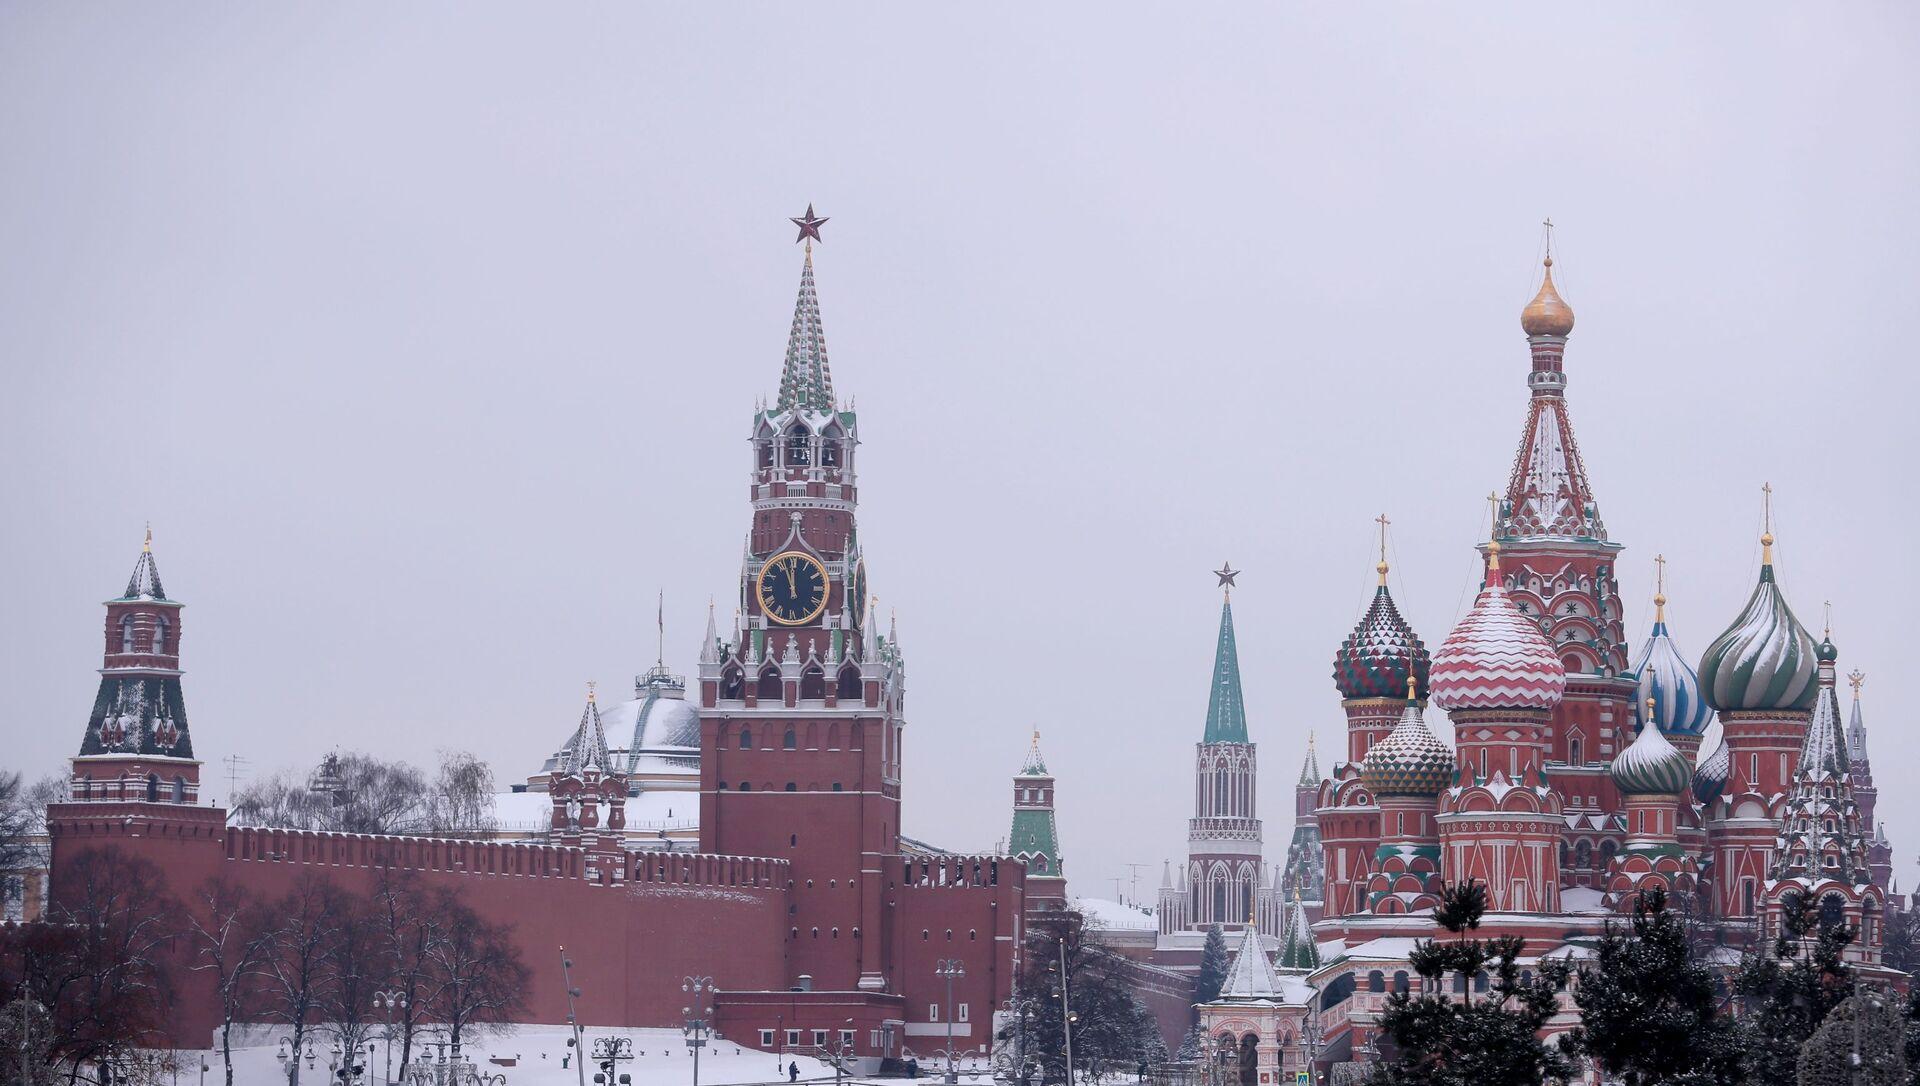 Выгляд з парку Зараддзе на Пакроўскі сабор і Спаскую вежу Маскоўскага Крамля - Sputnik Беларусь, 1920, 04.02.2021